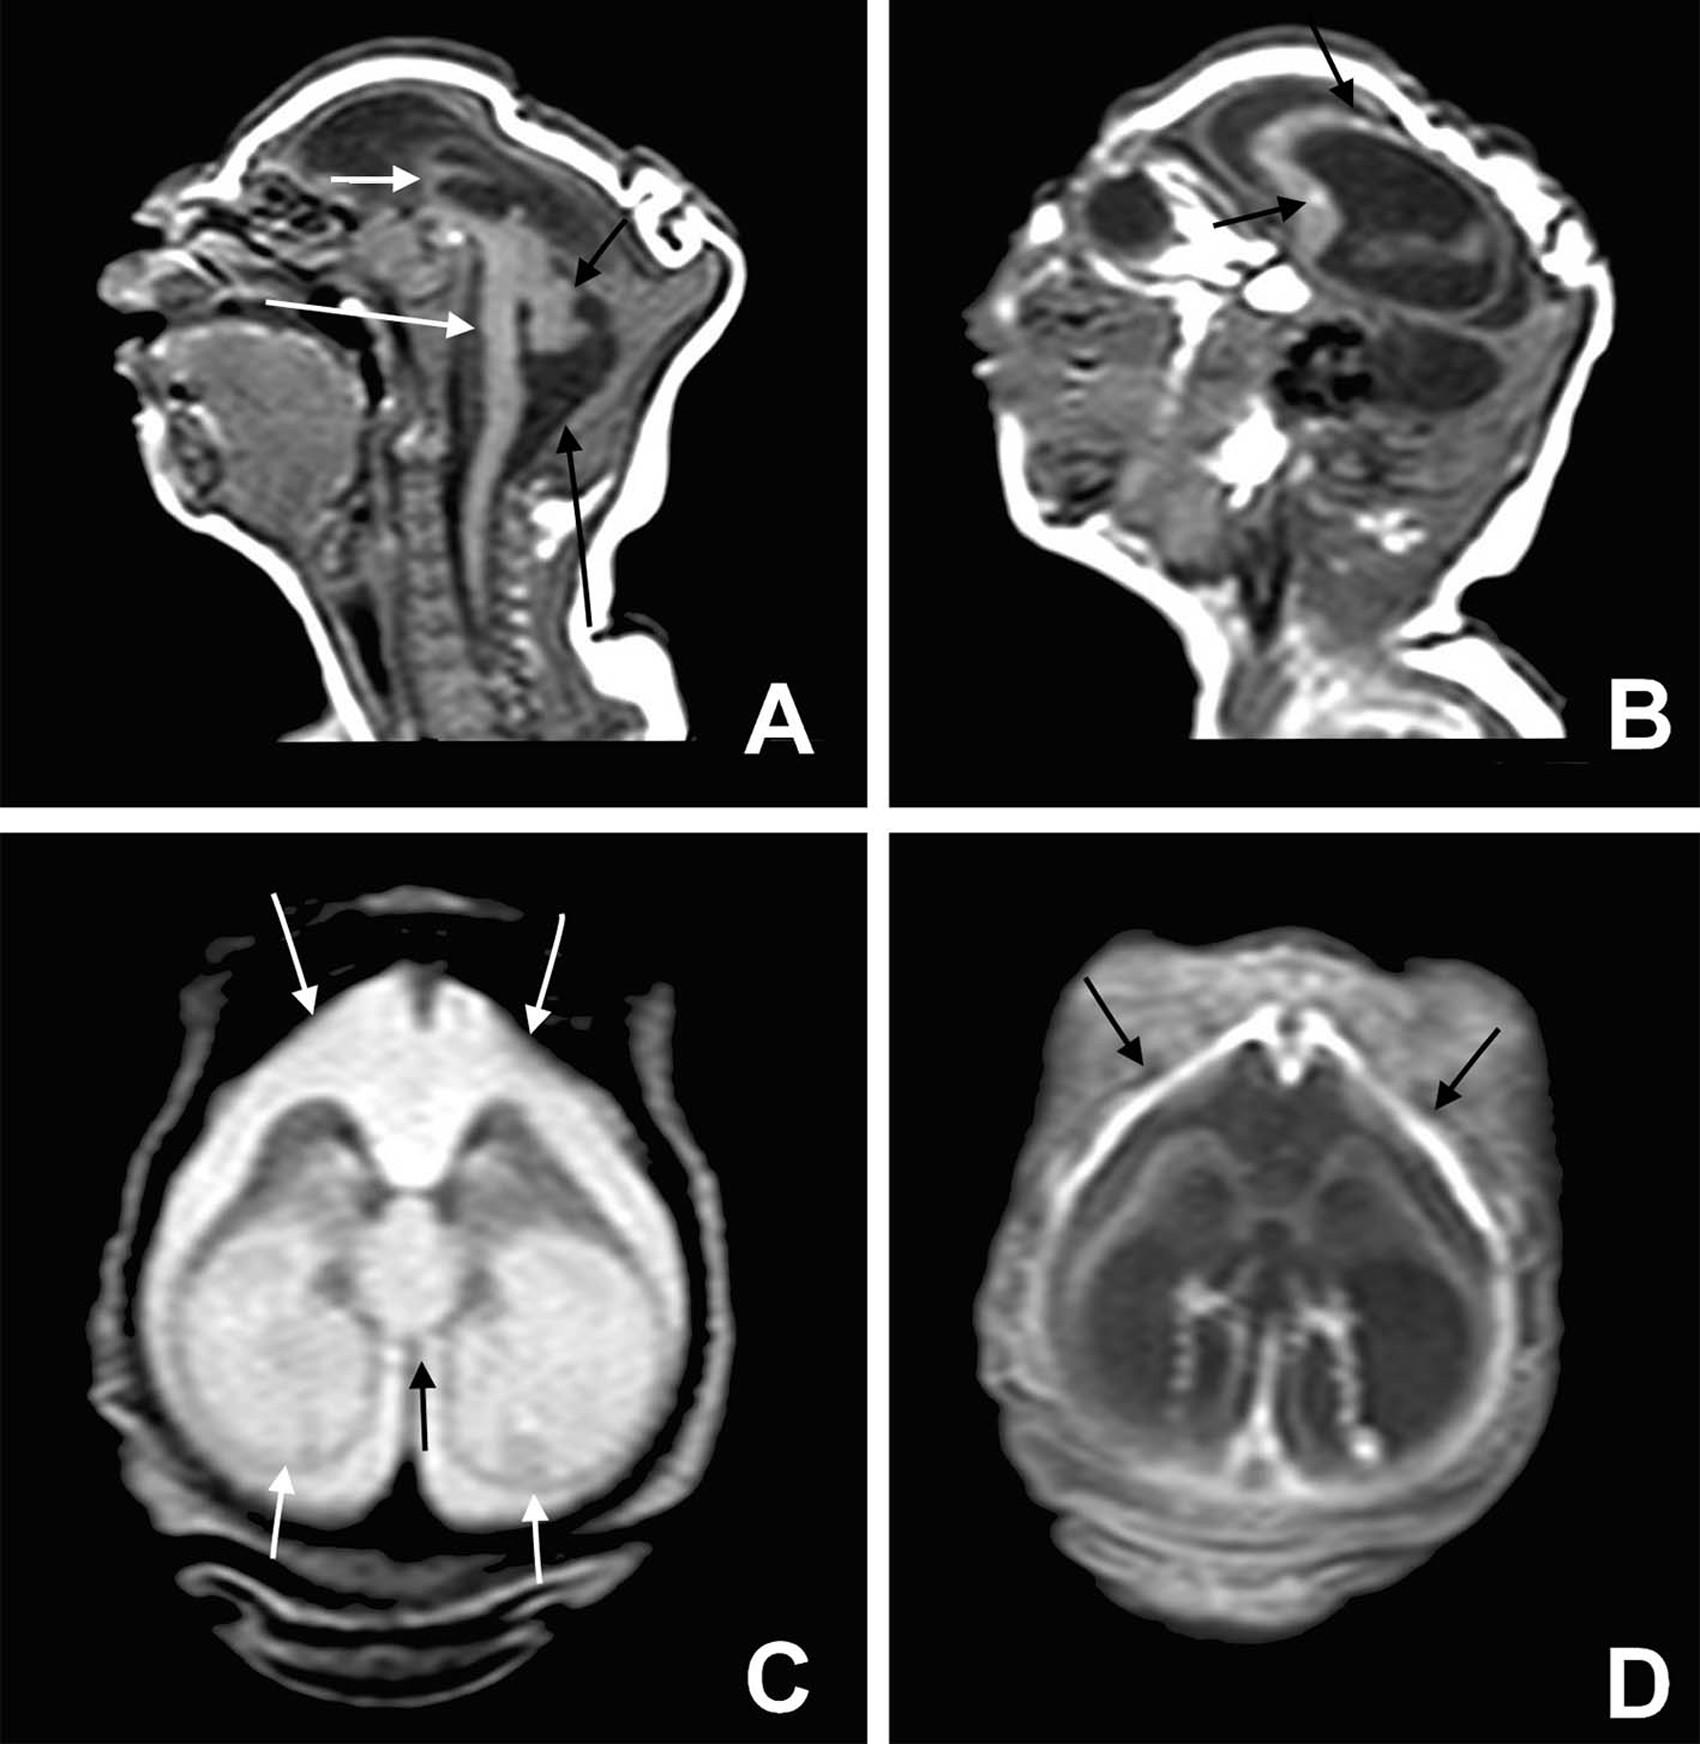 Exame de imagem revela danos cerebrais de bebês com microcefalia (Foto:  BMJ 2015/ http://www.bmj.com/cgi/doi/10.1136/bmj.i1901 )